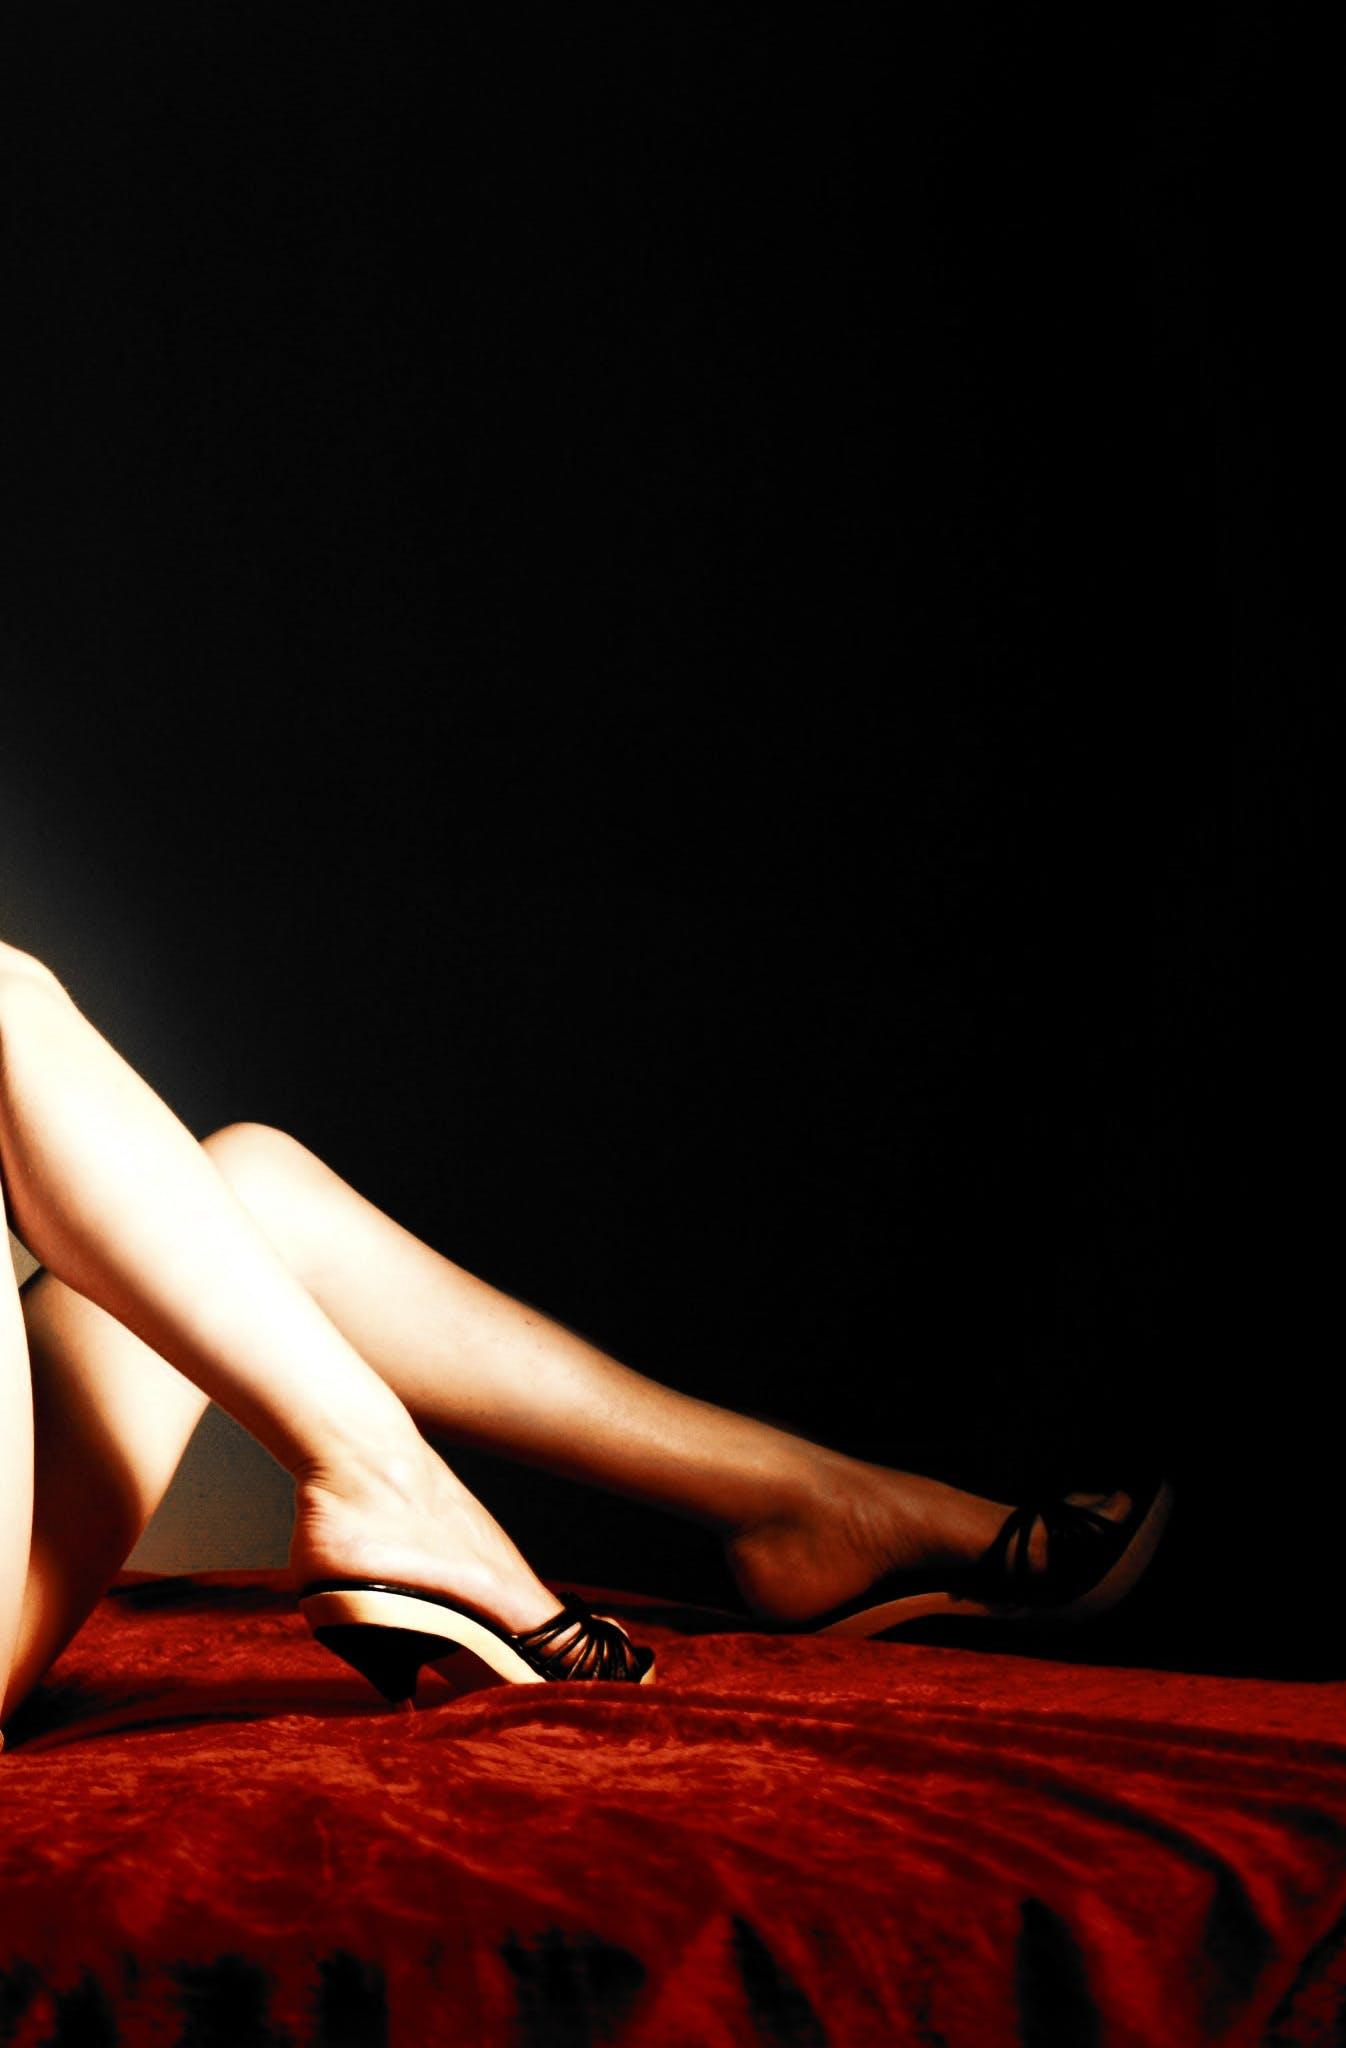 Kostenloses Stock Foto zu aufführung, beine, dunkel, erotisch